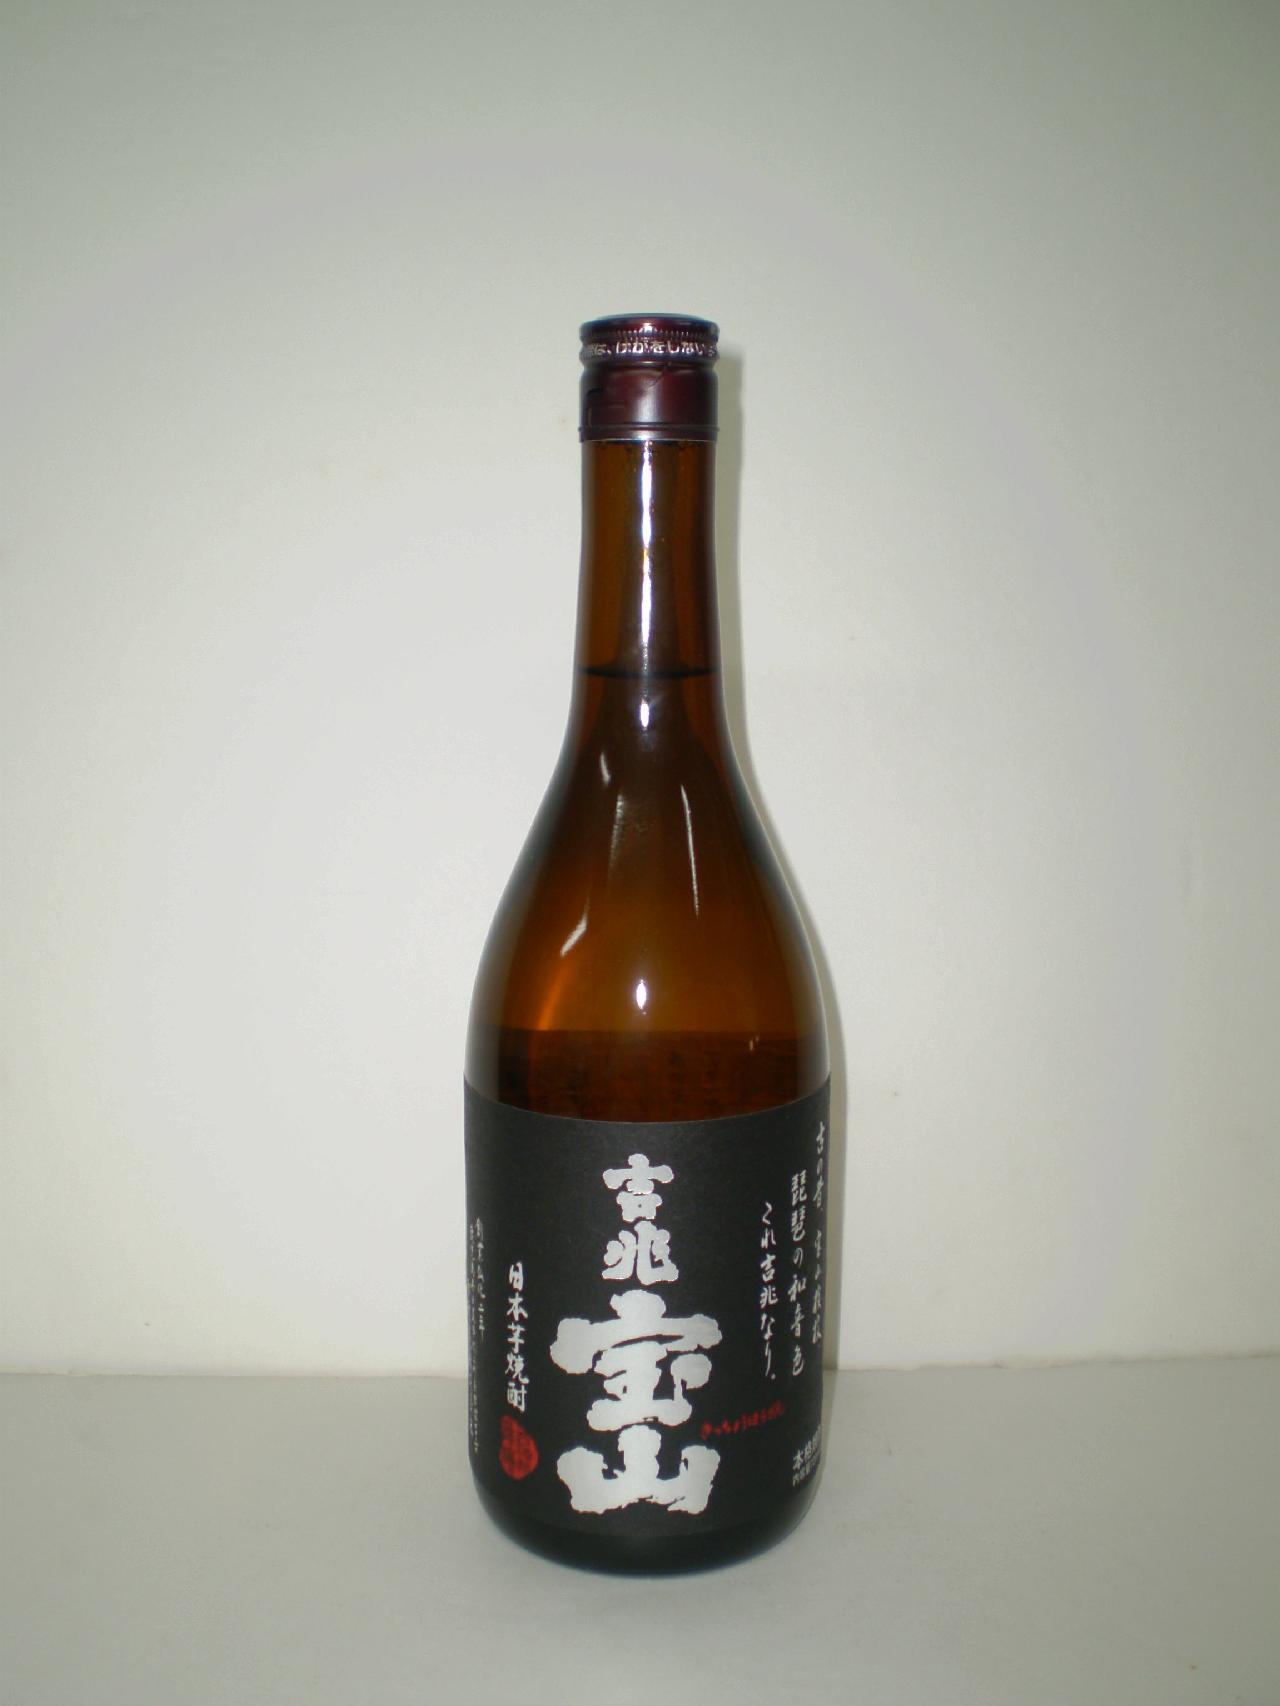 吉兆宝山 720ml 西酒造